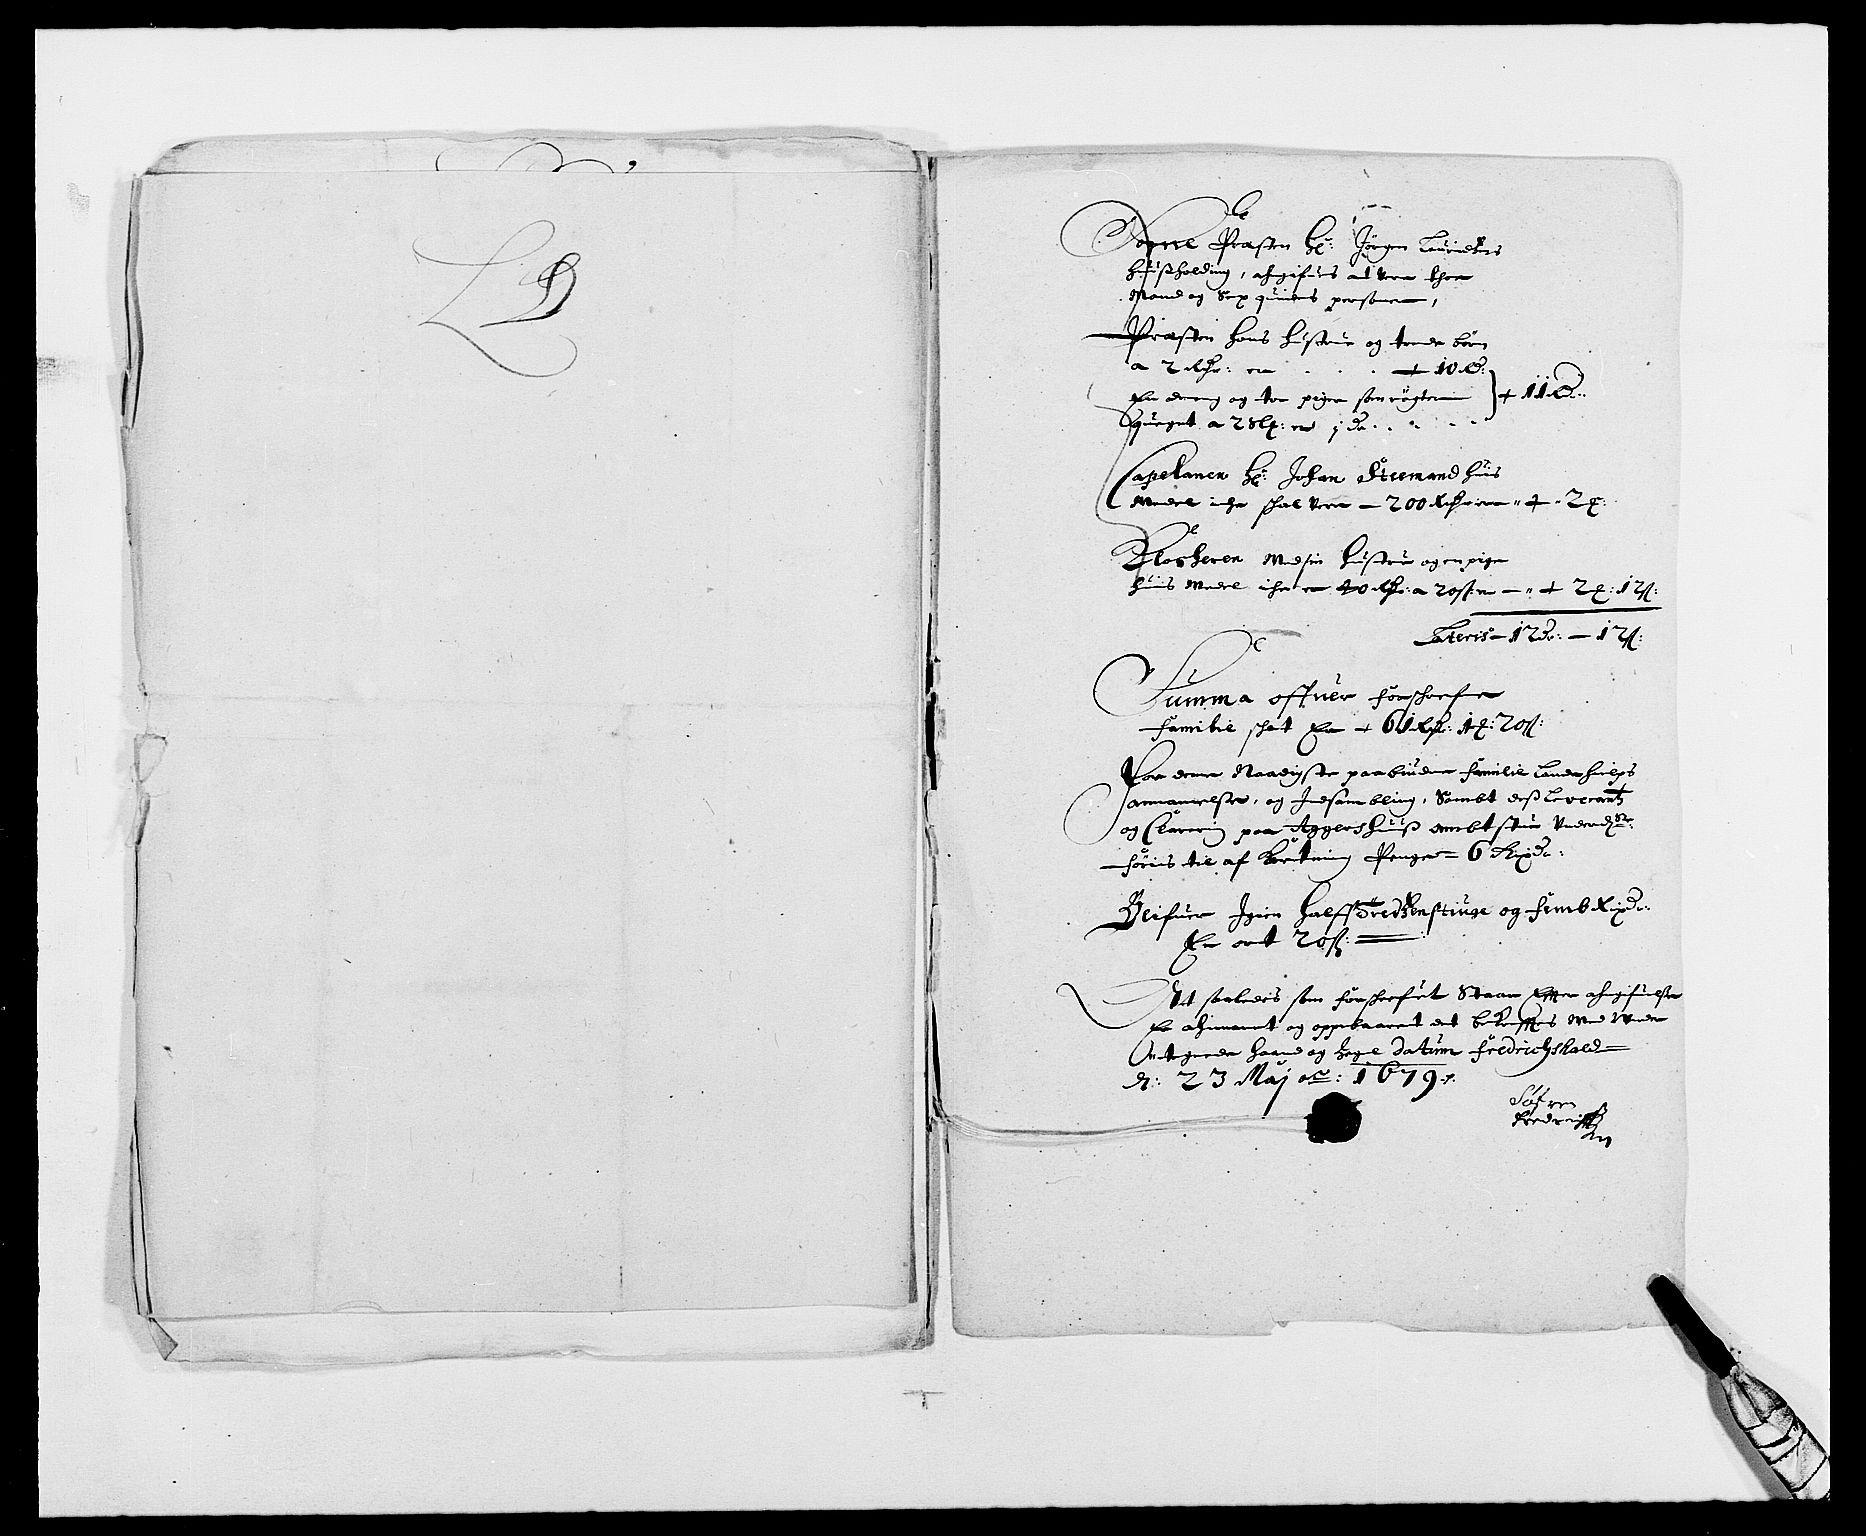 RA, Rentekammeret inntil 1814, Reviderte regnskaper, Fogderegnskap, R01/L0001: Fogderegnskap Idd og Marker, 1678-1679, s. 229